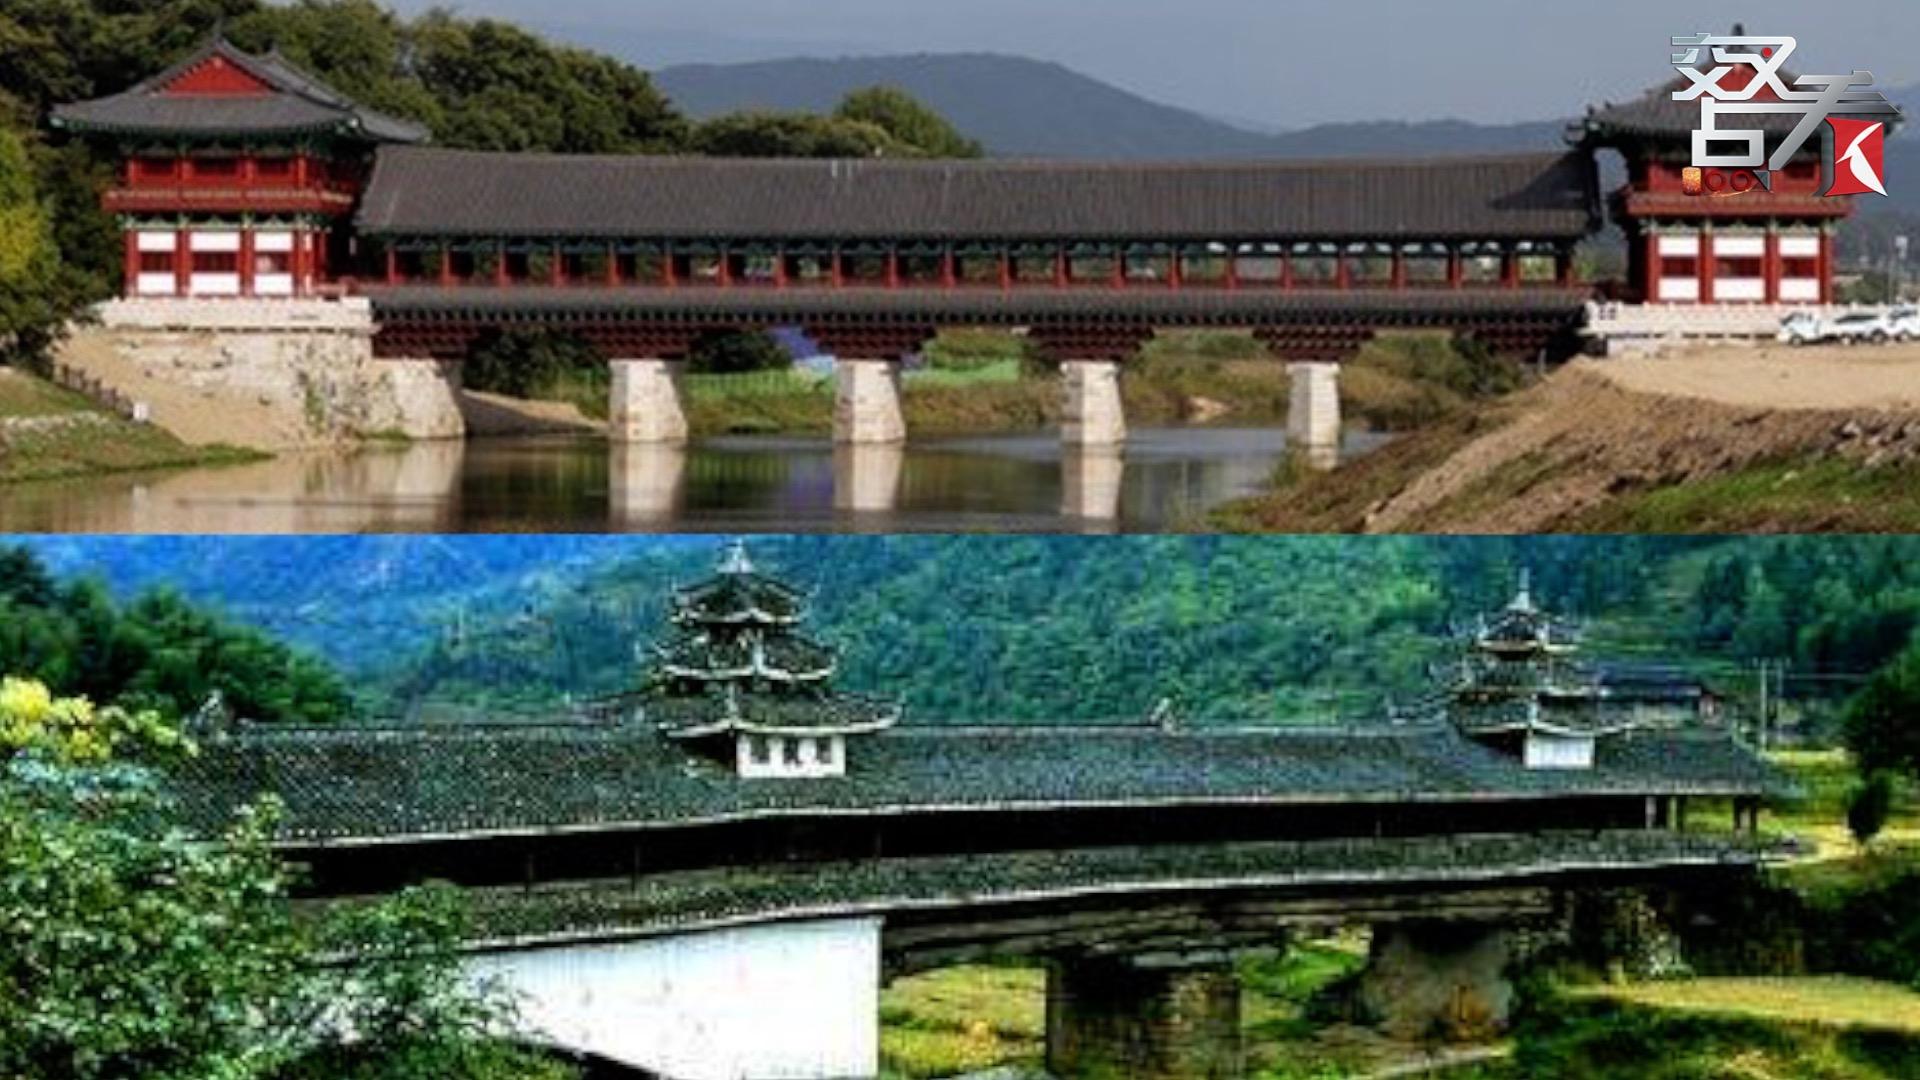 韩国花3亿人民币复原千年古桥 却是抄袭中国?